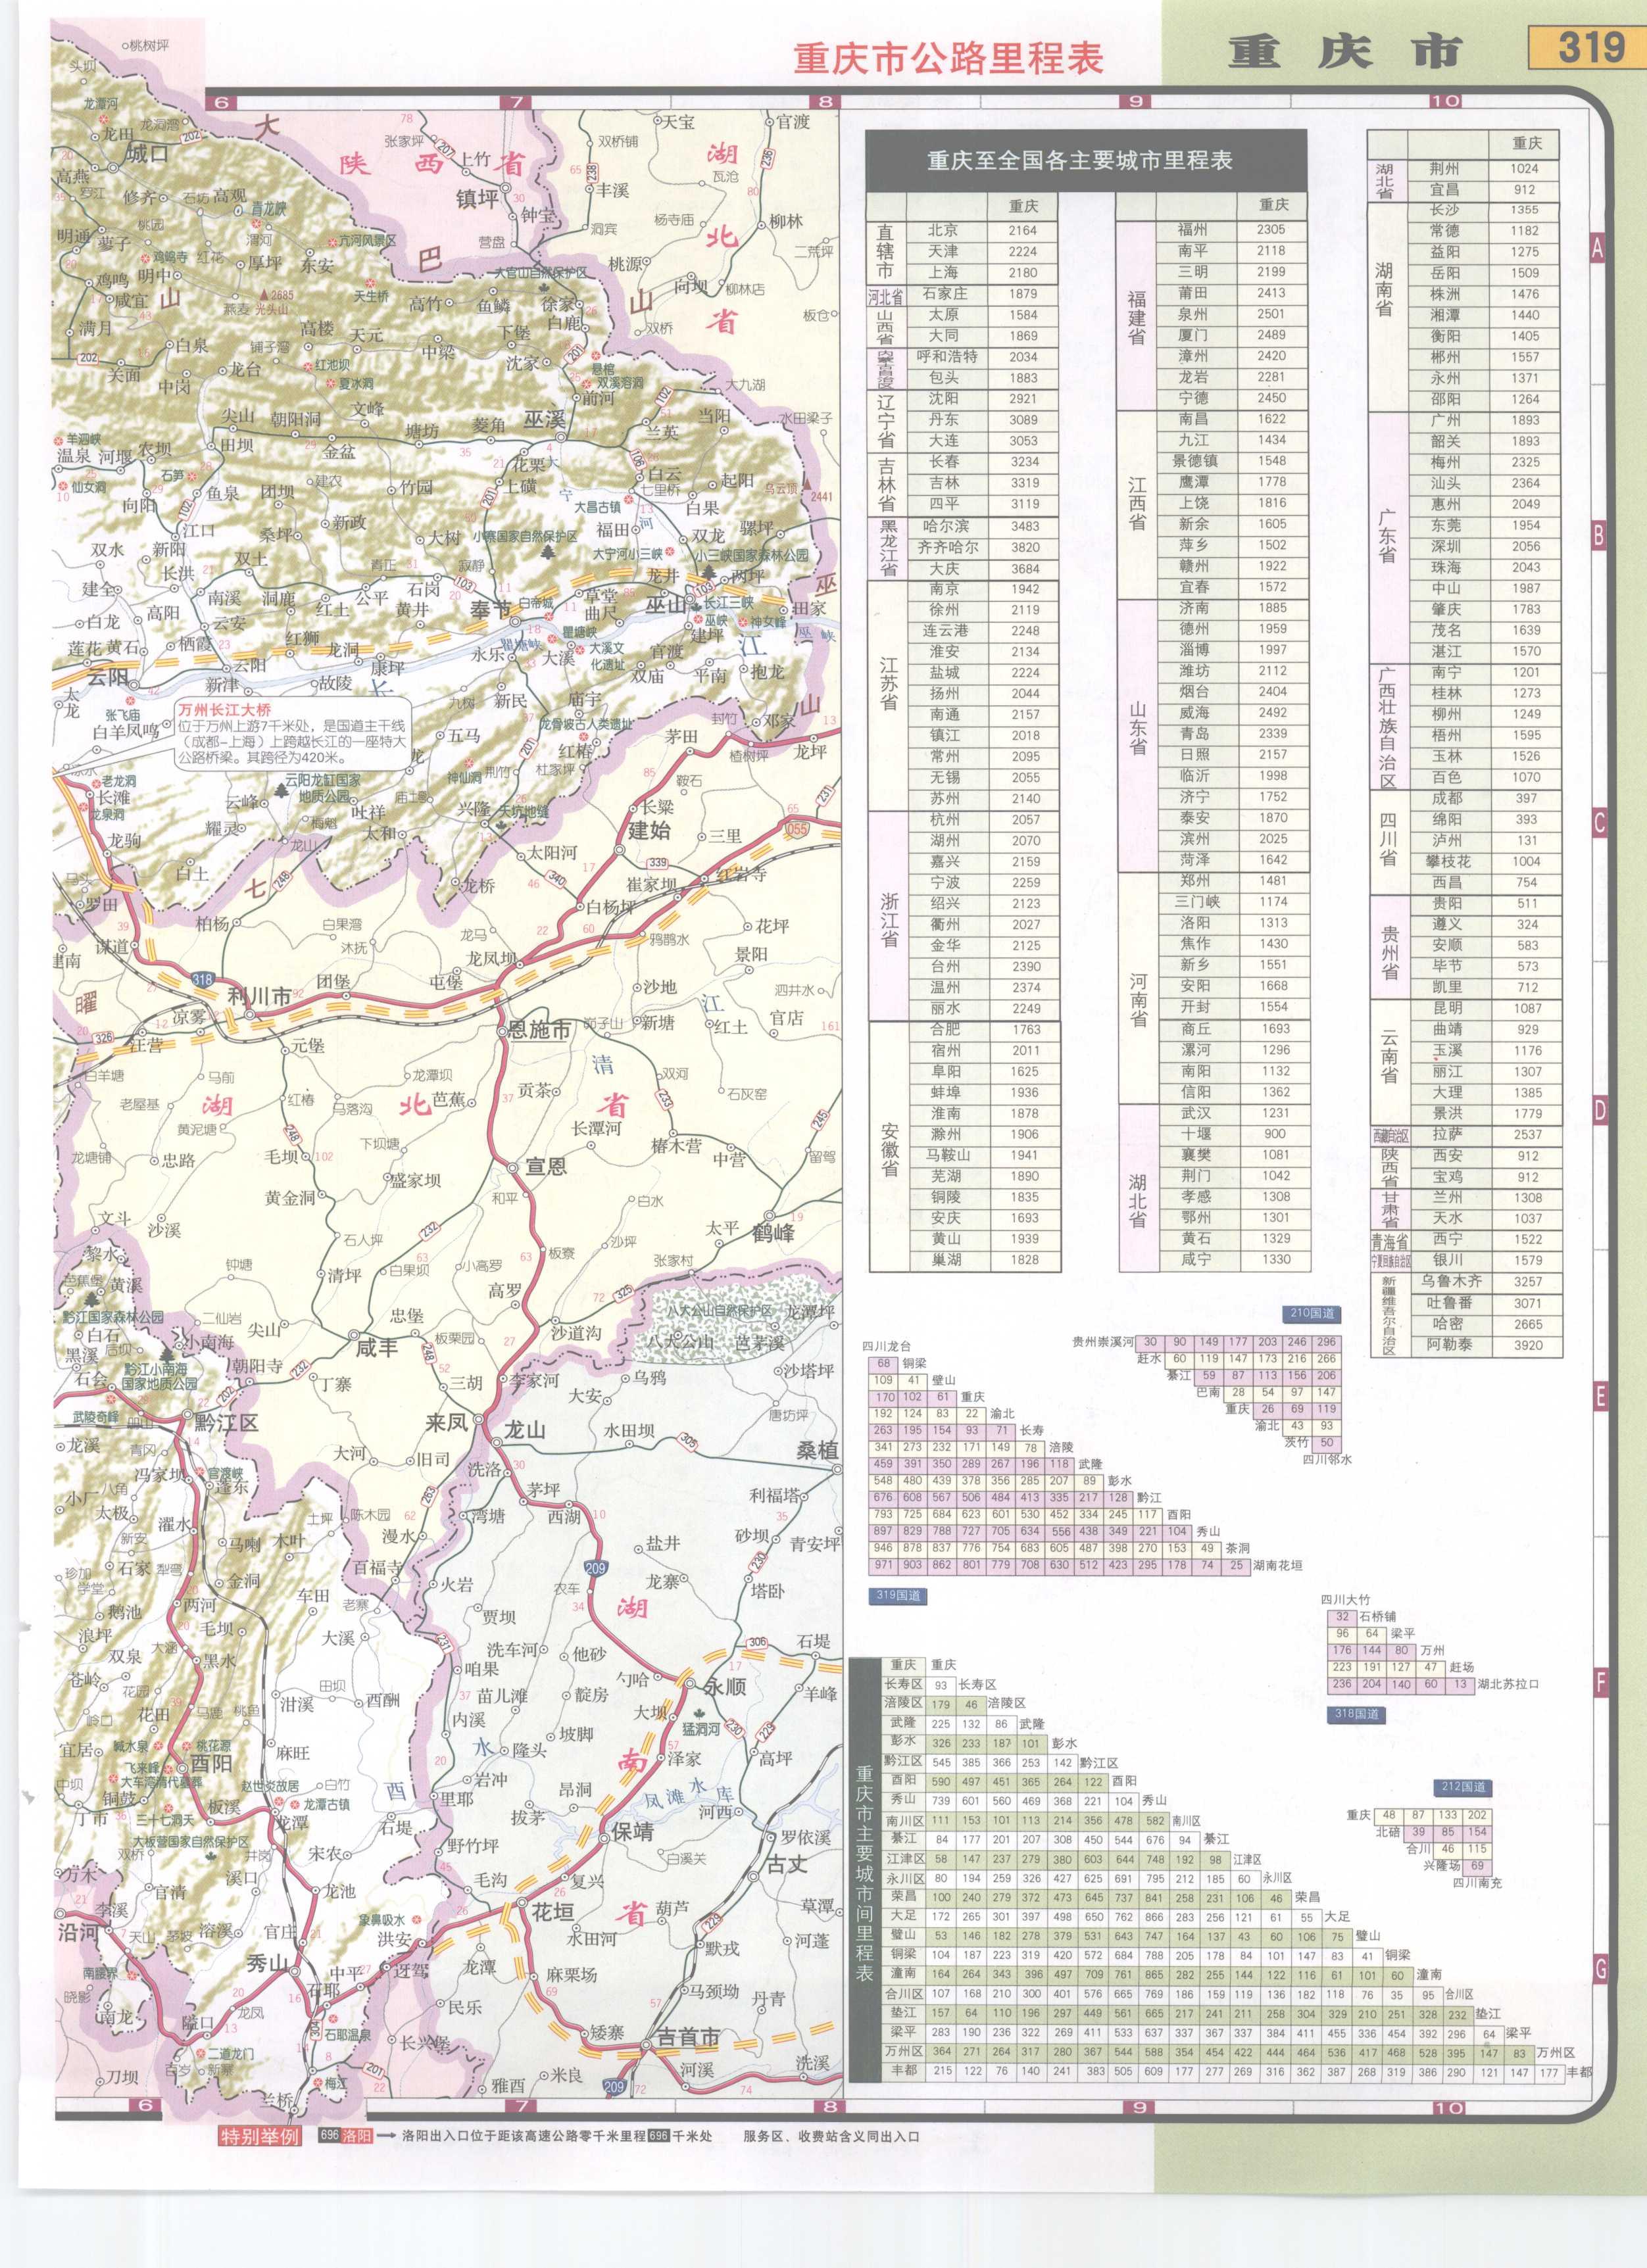 重庆市高速公路网地图